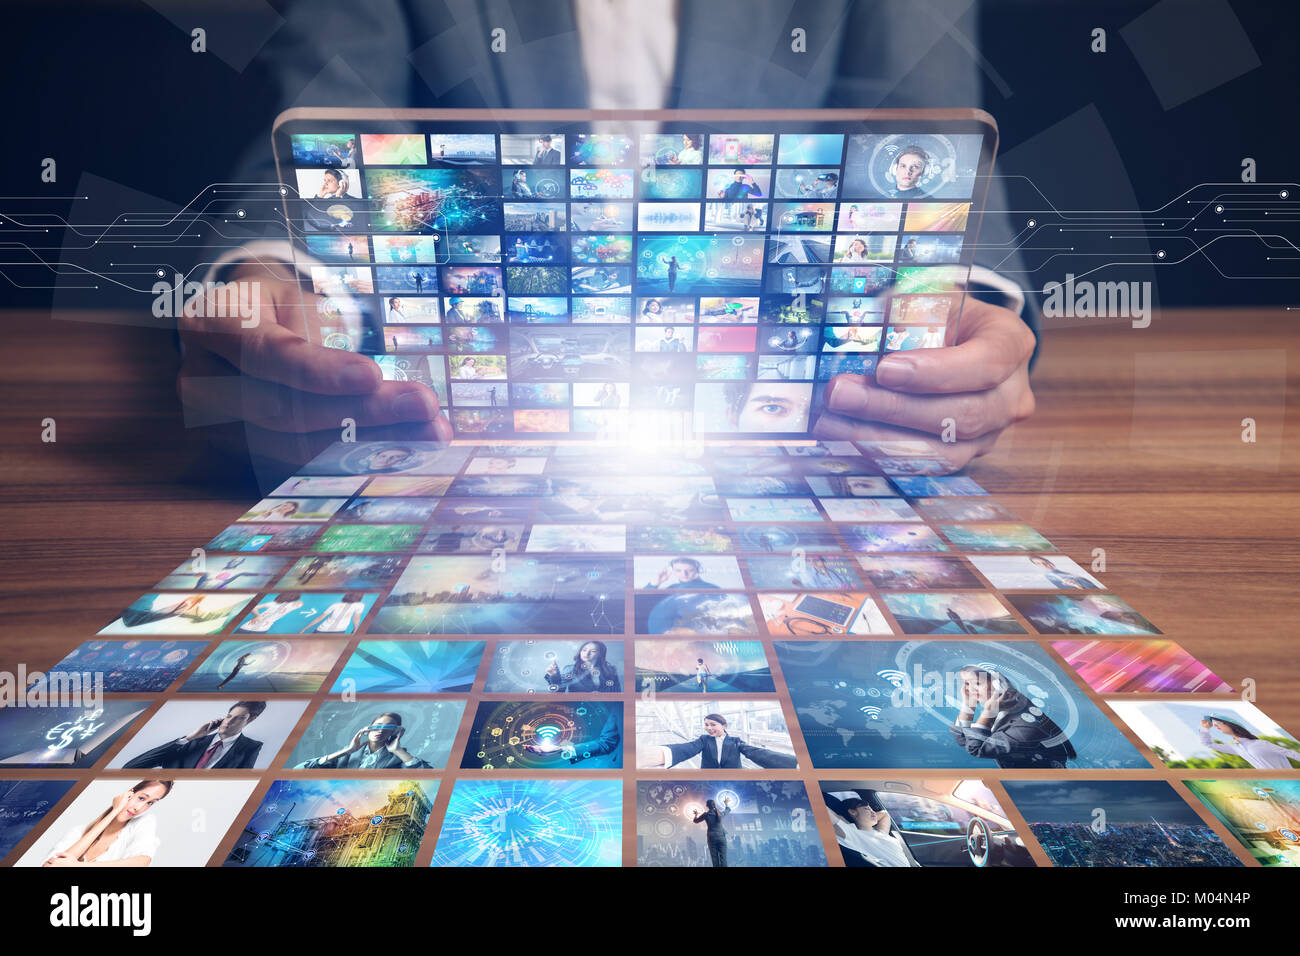 Video sito web hosting. filmato streaming service. digital photo album. Immagini Stock